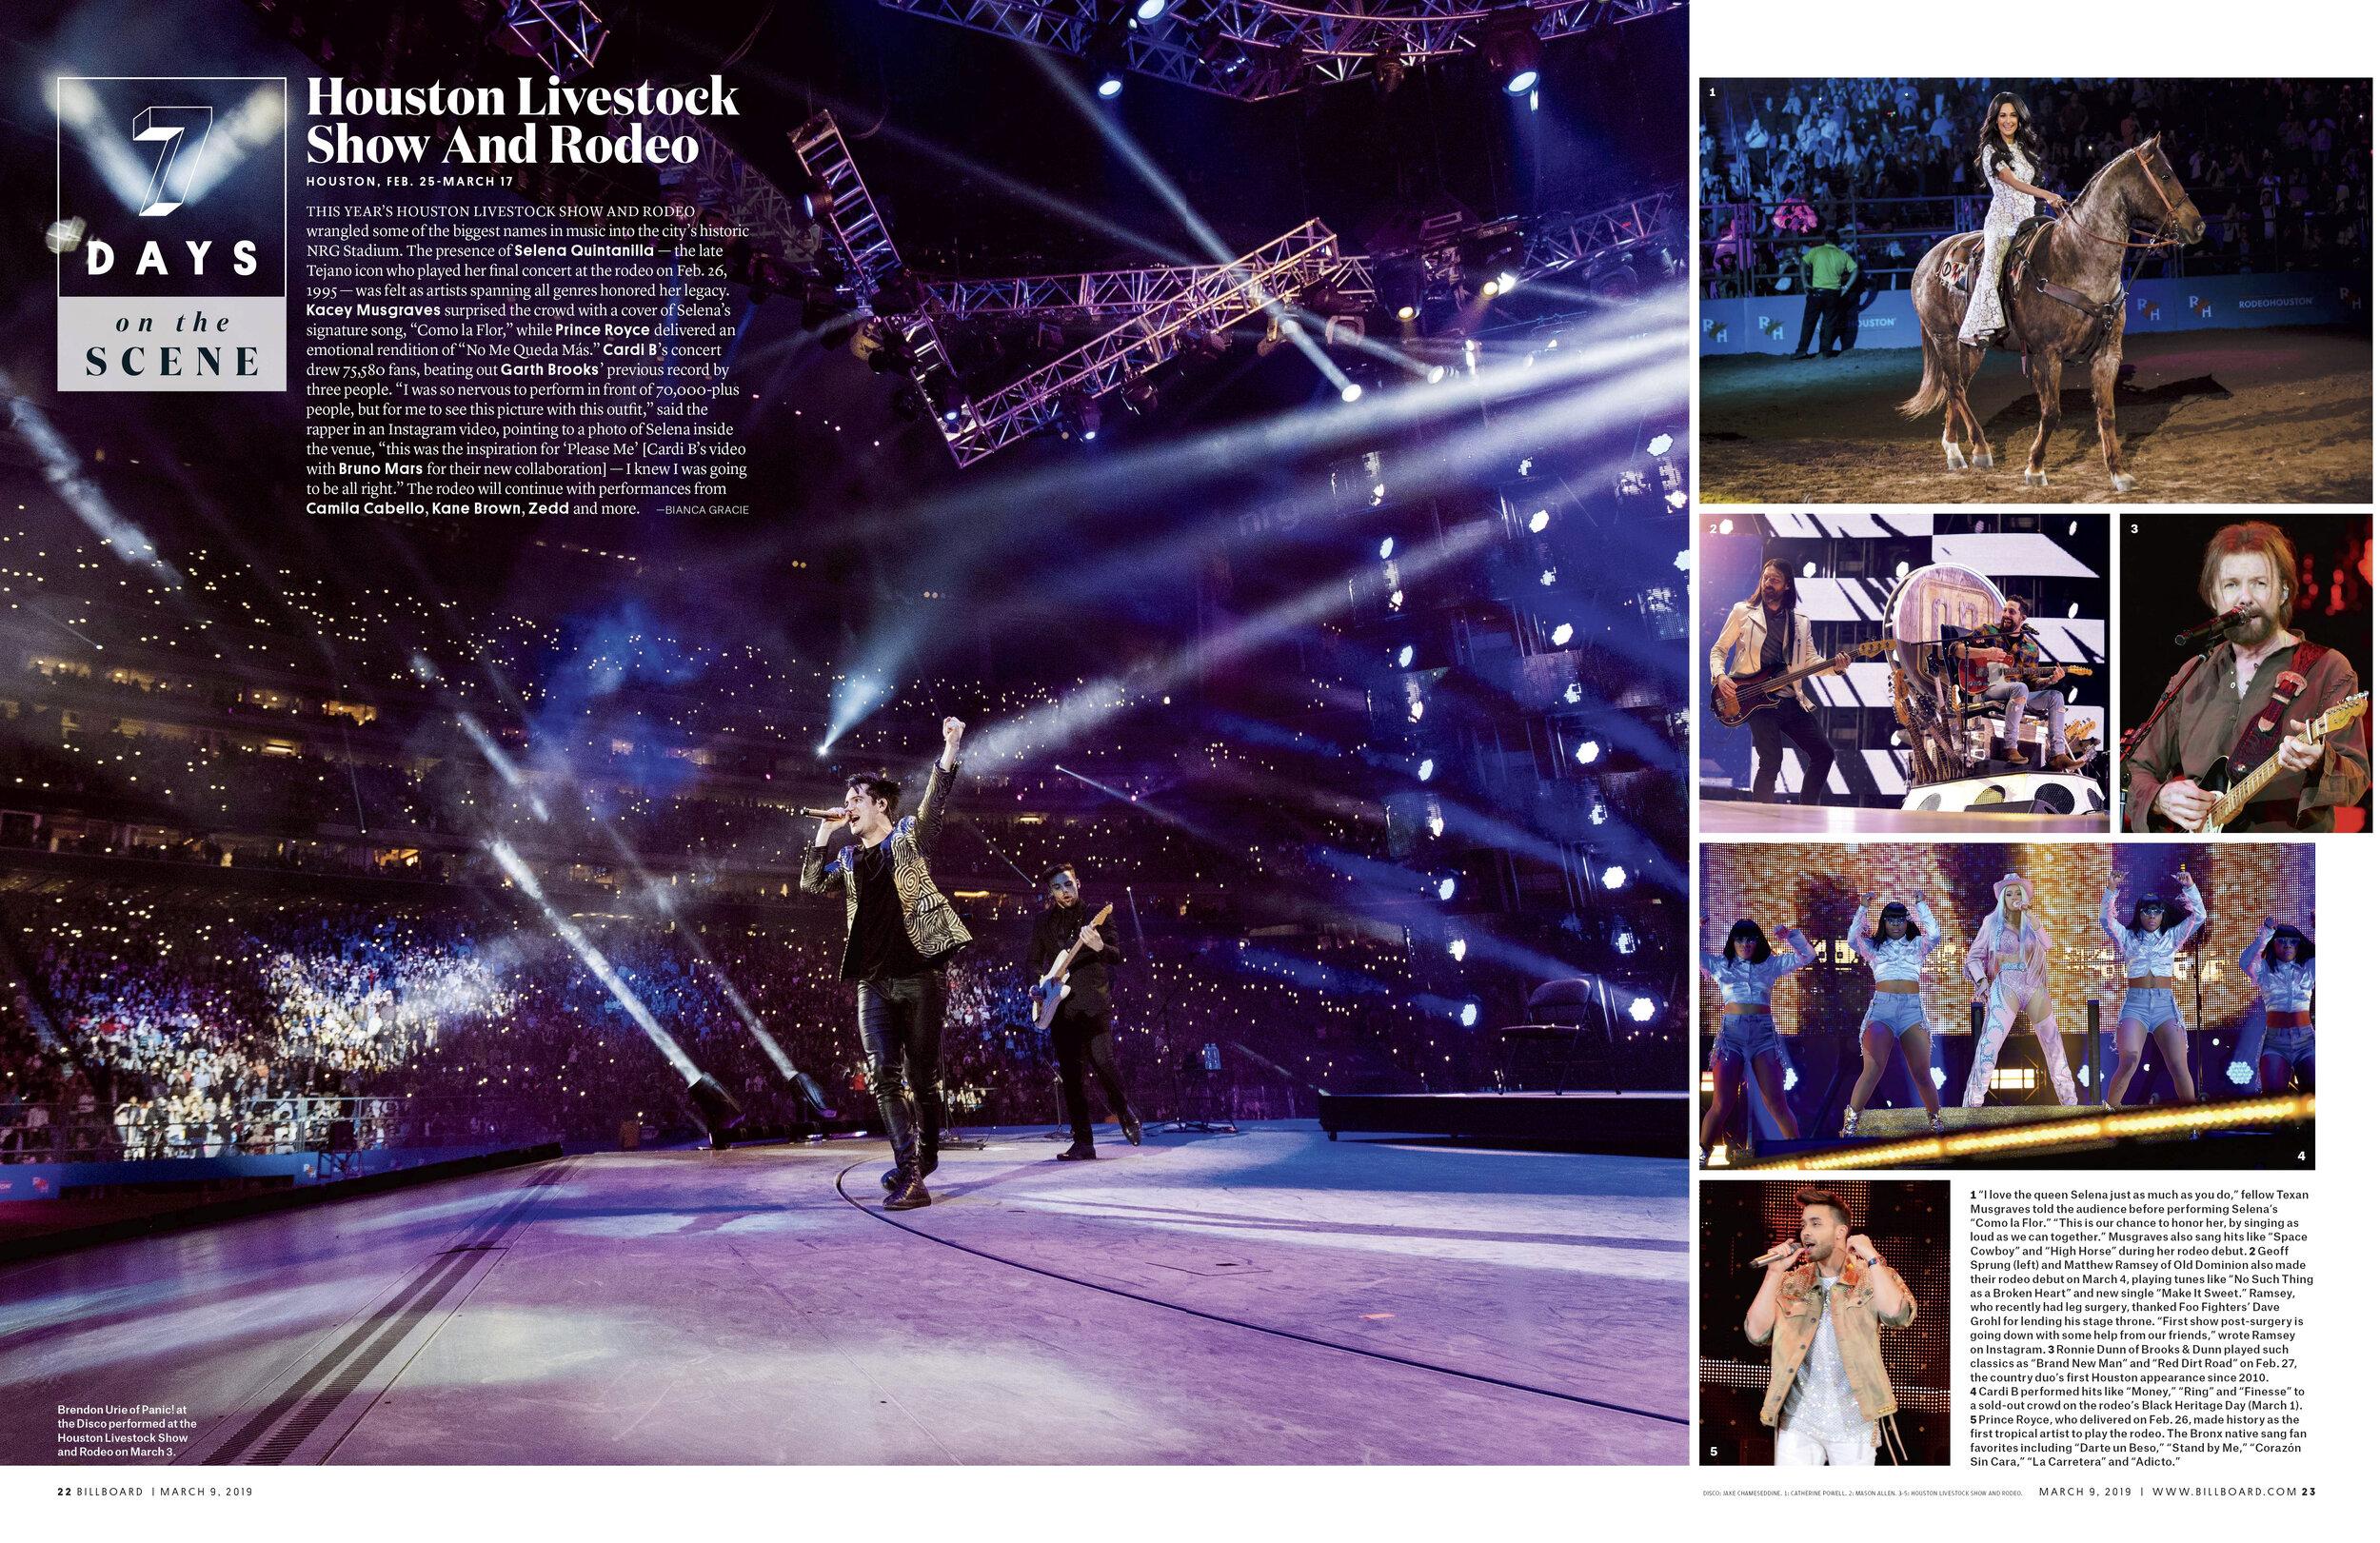 Billboard-0309-7-Days-HR-compressed.jpg